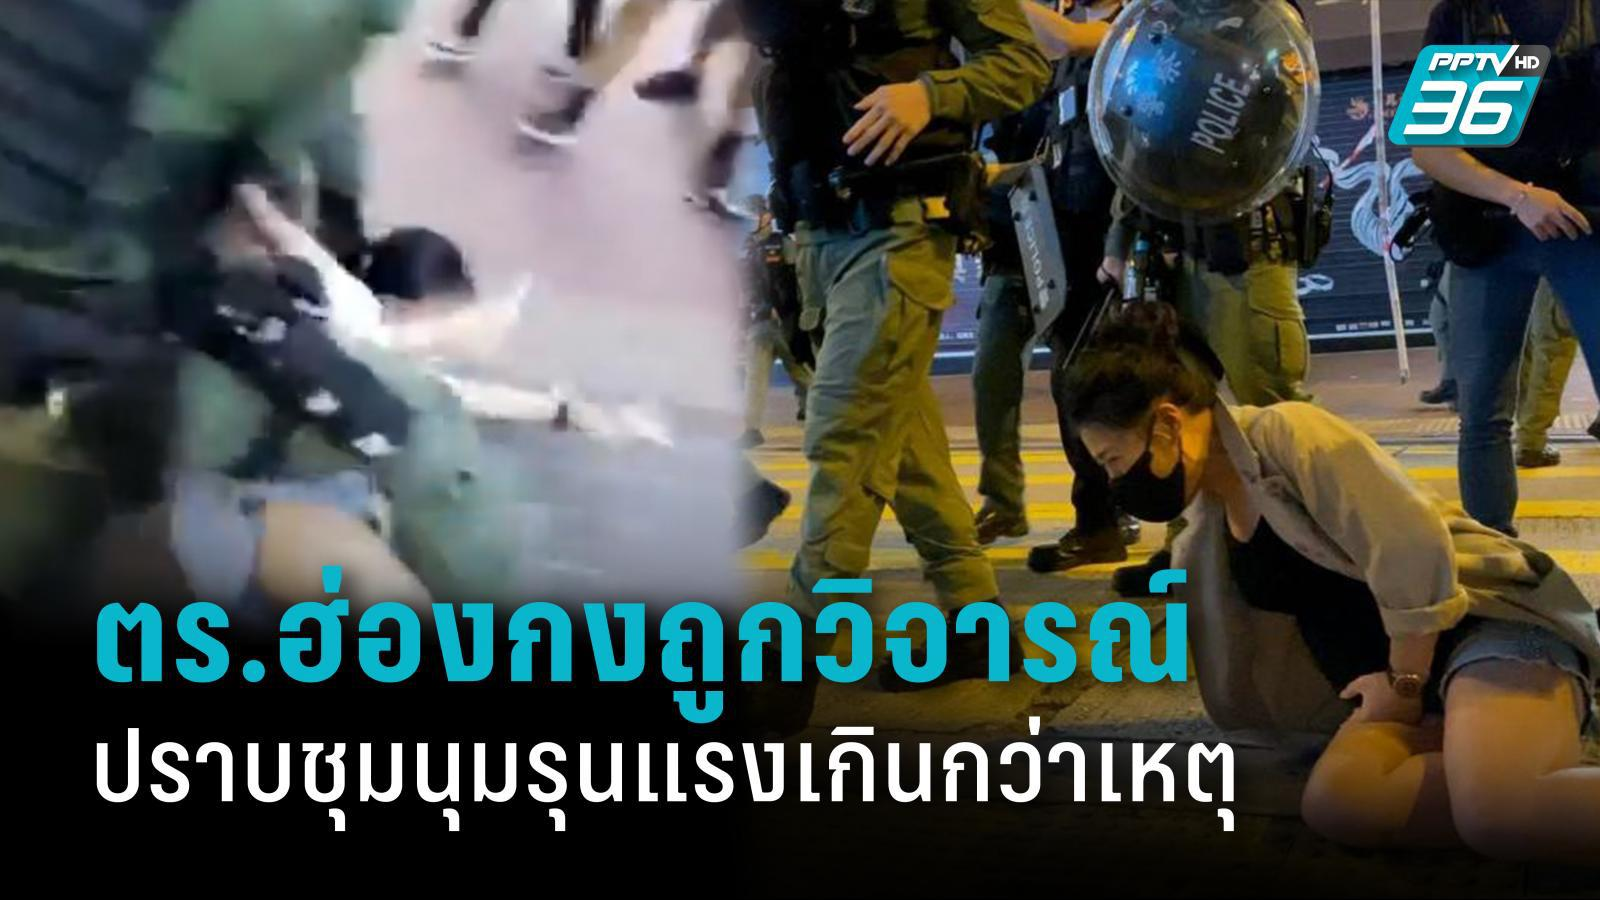 ตำรวจฮ่องกงถูกวิจารณ์หนัก ปราบผู้ชุมนุมรุนแรงเกินกว่าเหตุ